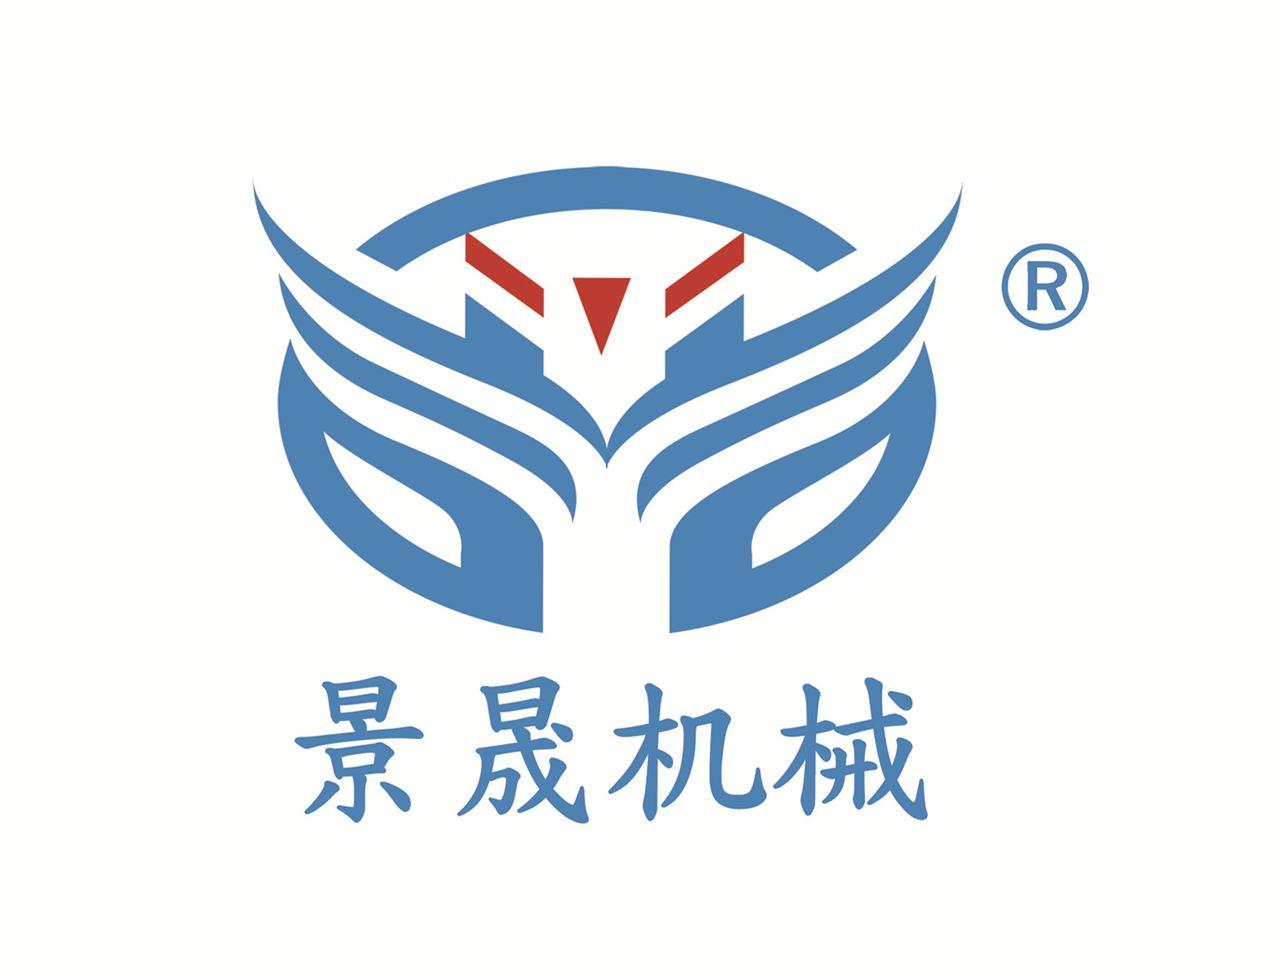 肇慶市鼎湖景晟機械有限公司